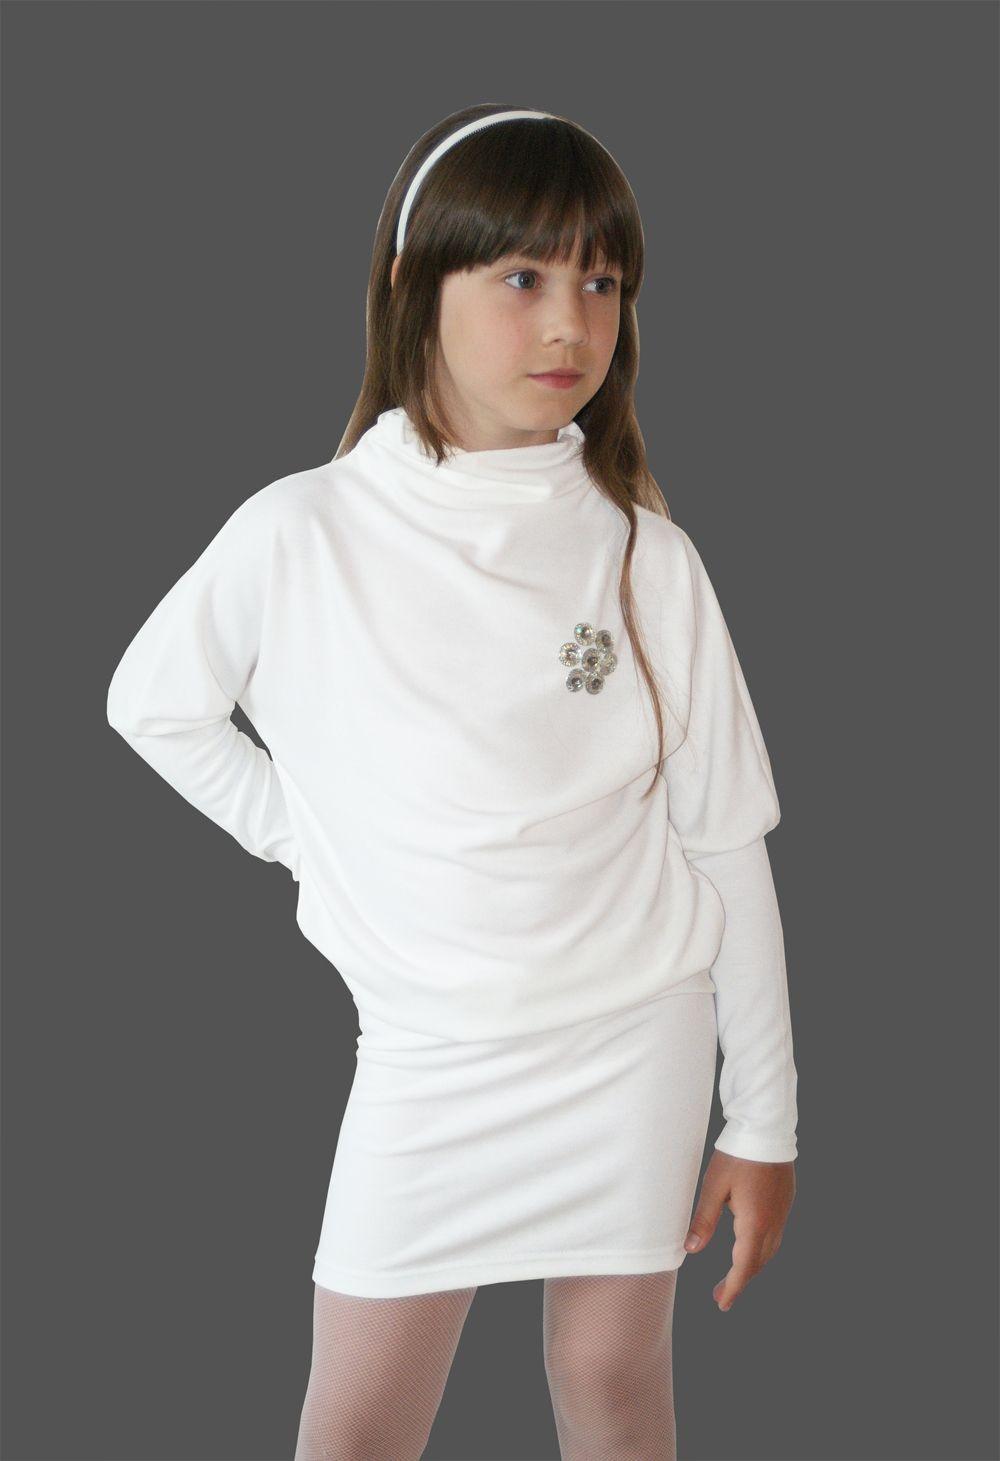 Блузки Для Школы В Волгограде